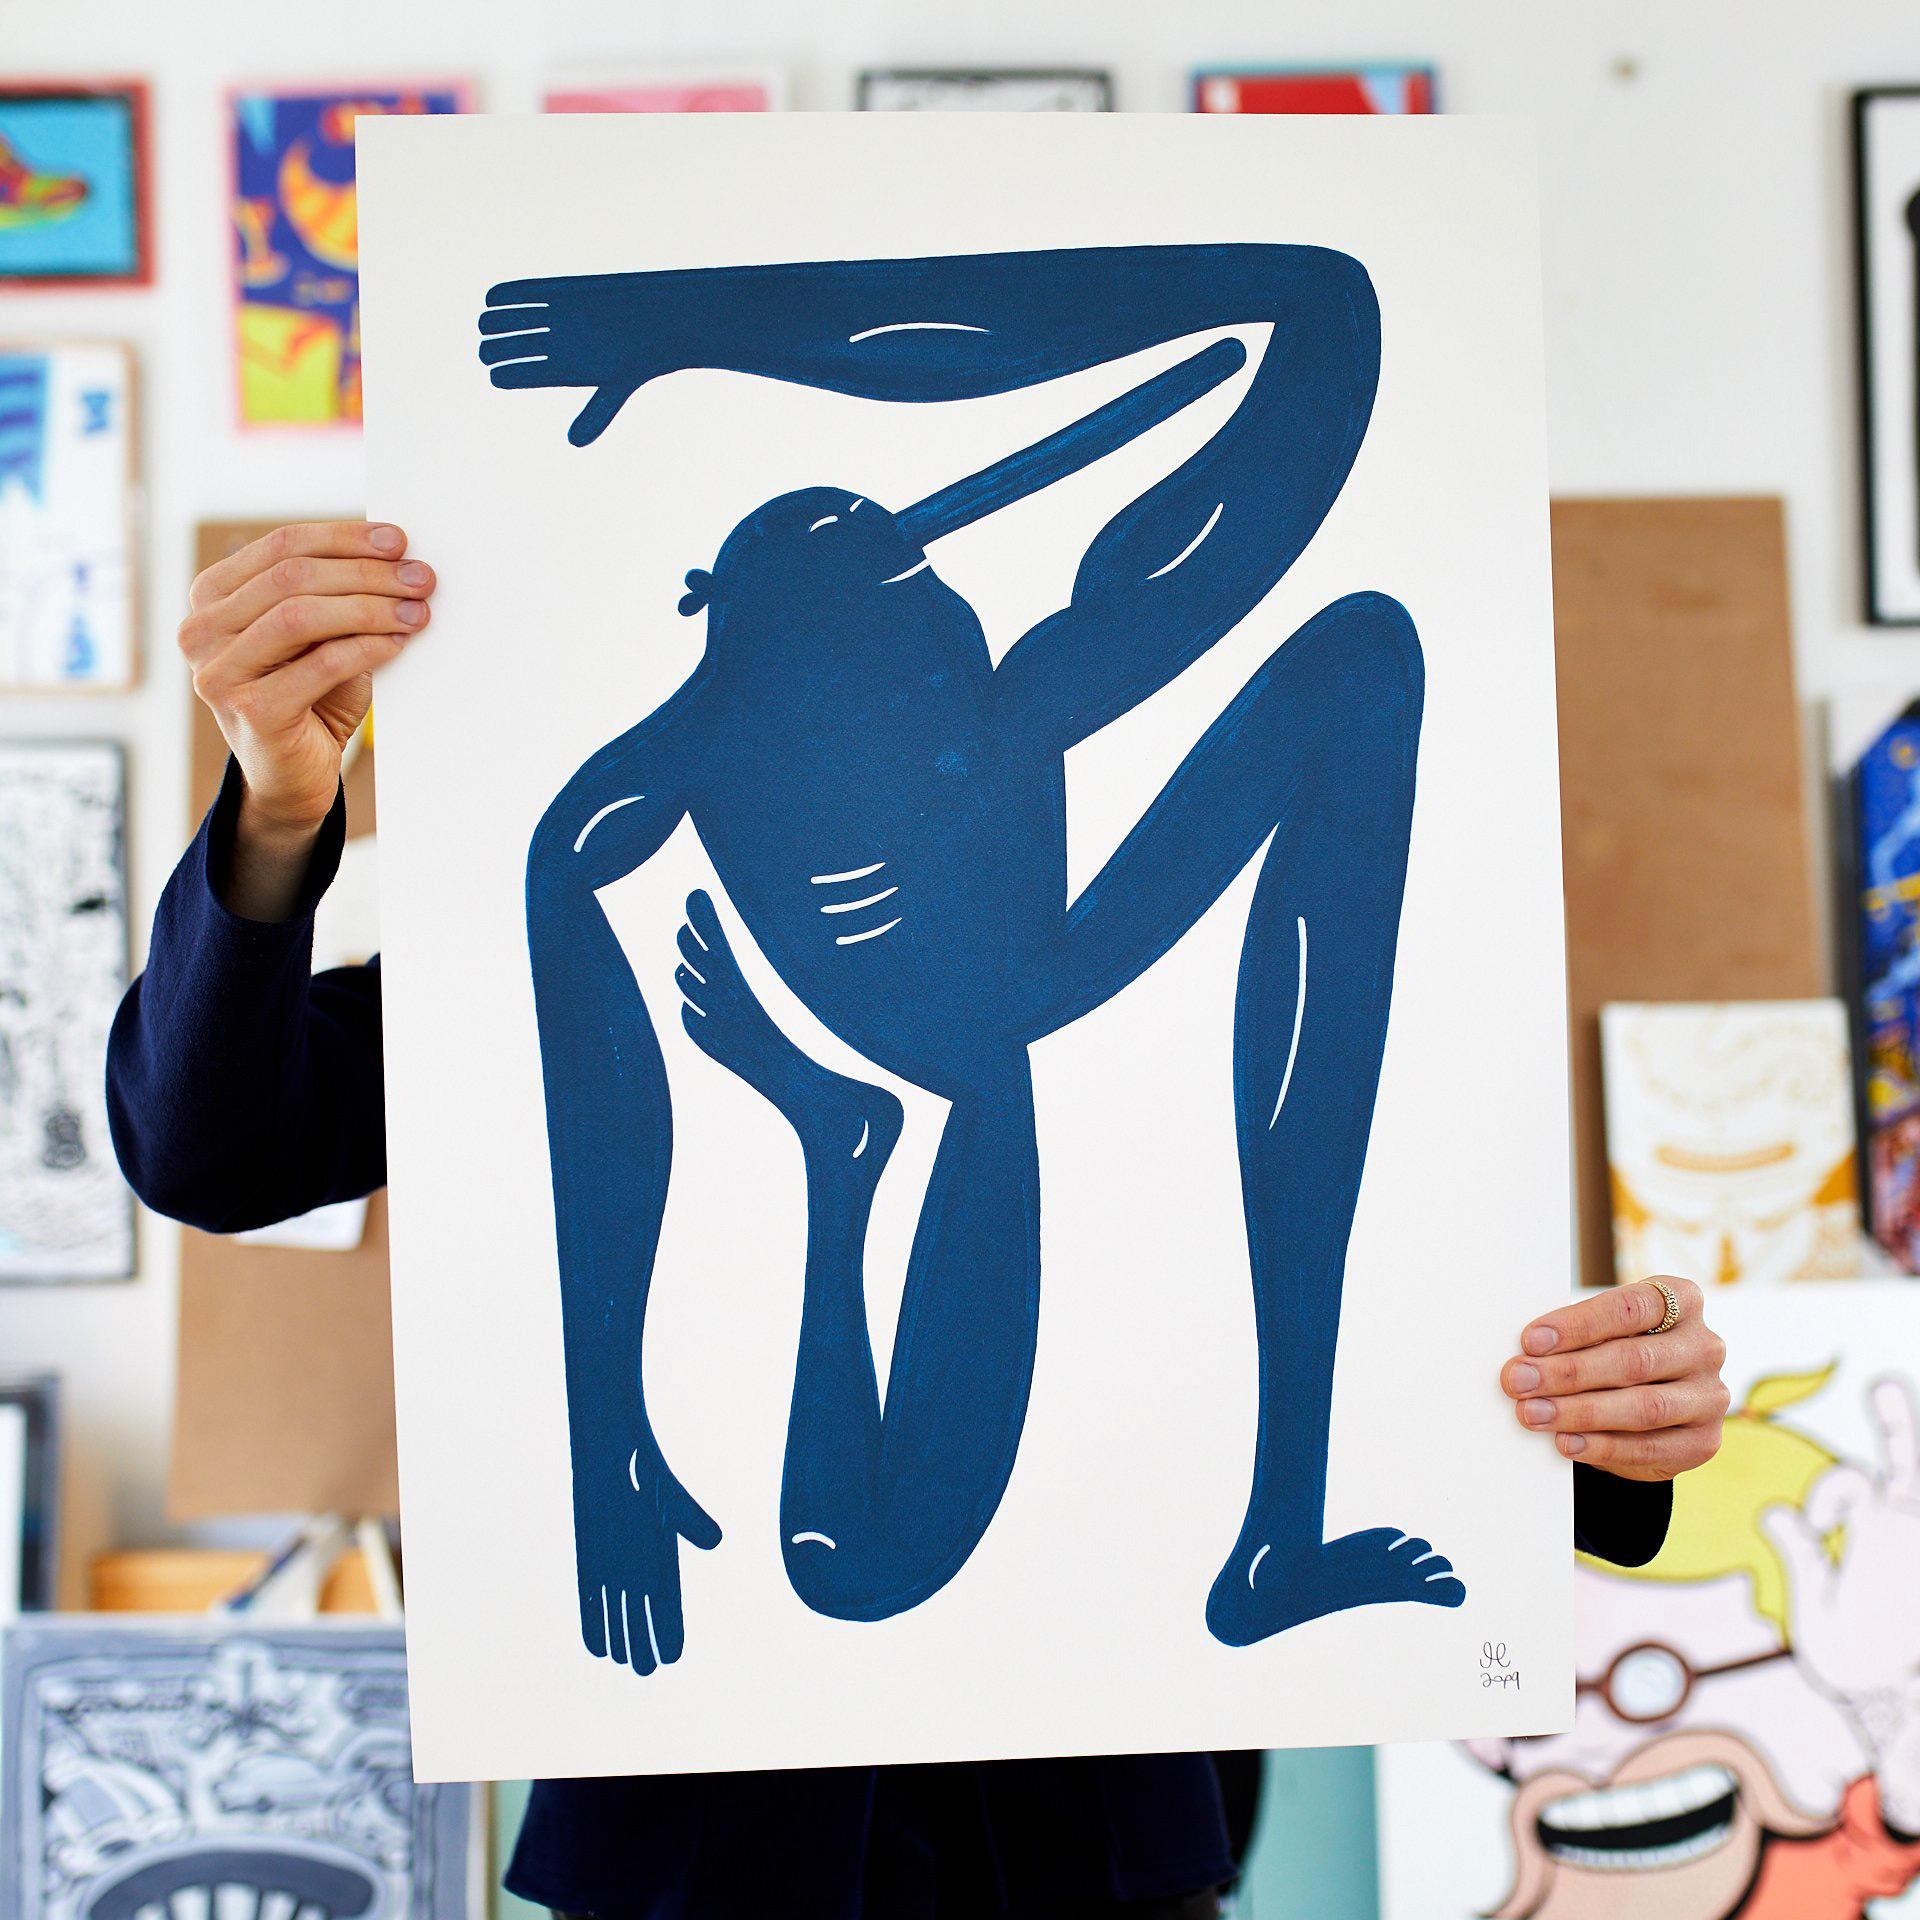 kunsttryk, gicleé, børnevenlige, grafiske, illustrative, monokrome, pop, kroppe, hverdagsliv, humor, bevægelse, mennesker, blå, hvide, blæk, papir, sjove, samtidskunst, københavn, dansk, design, interiør, bolig-indretning, moderne, moderne-kunst, nordisk, plakater, tryk, skandinavisk, Køb original kunst og kunstplakater. Malerier, tegninger, limited edition kunsttryk & plakater af dygtige kunstnere.